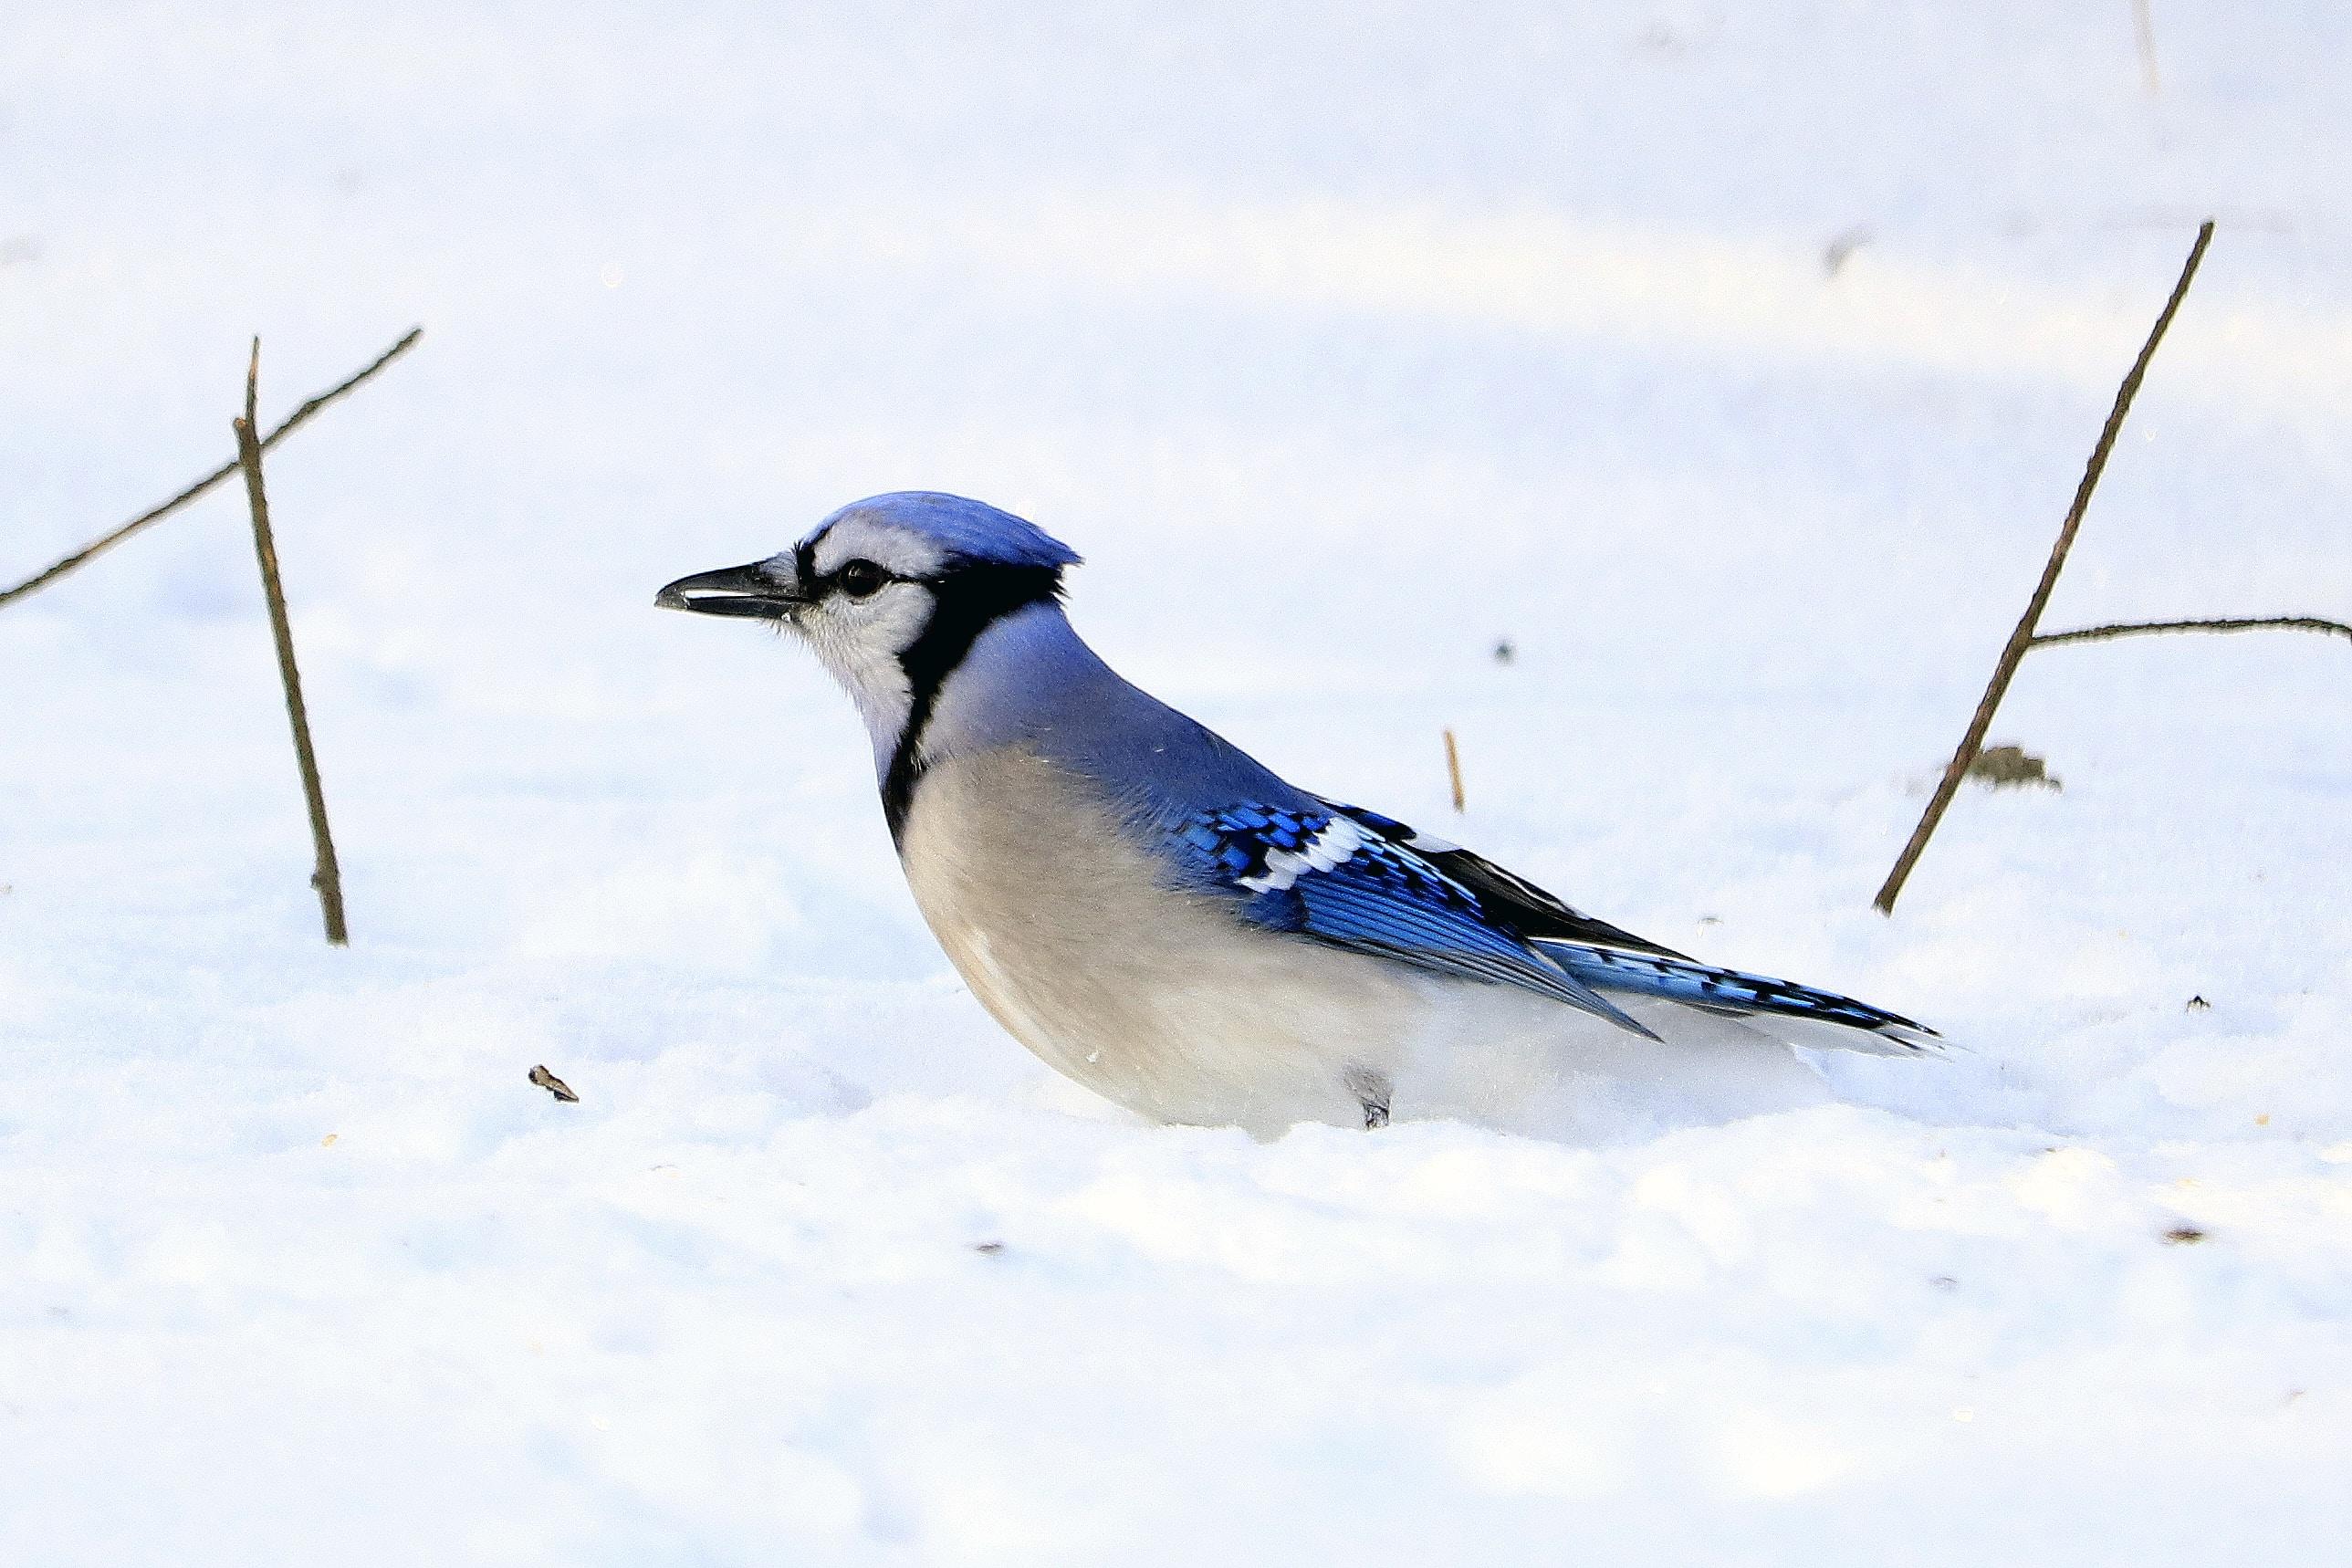 Blue Jays bird on white snow